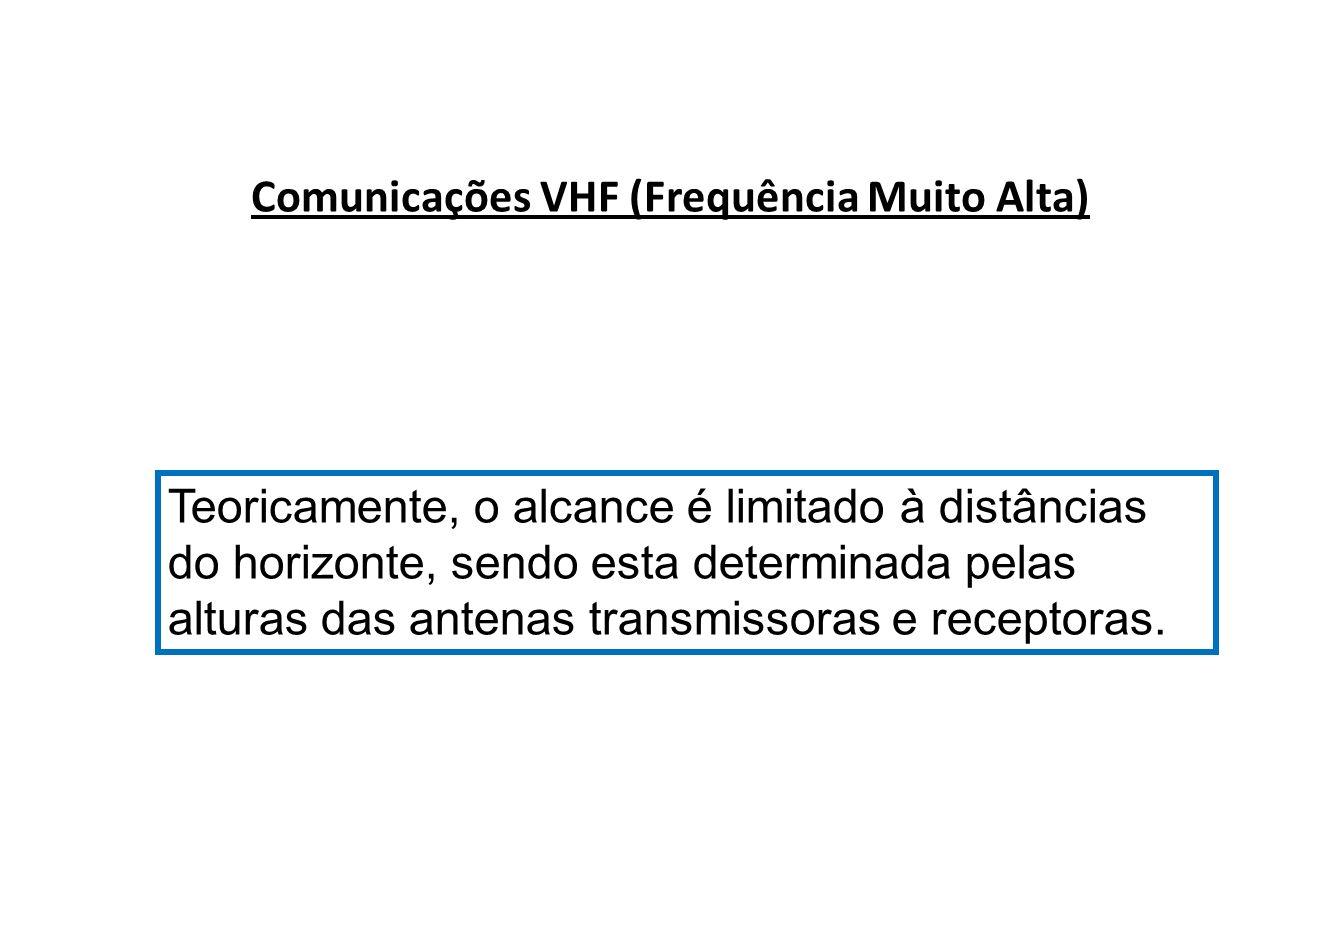 Comunicações VHF (Frequência Muito Alta)